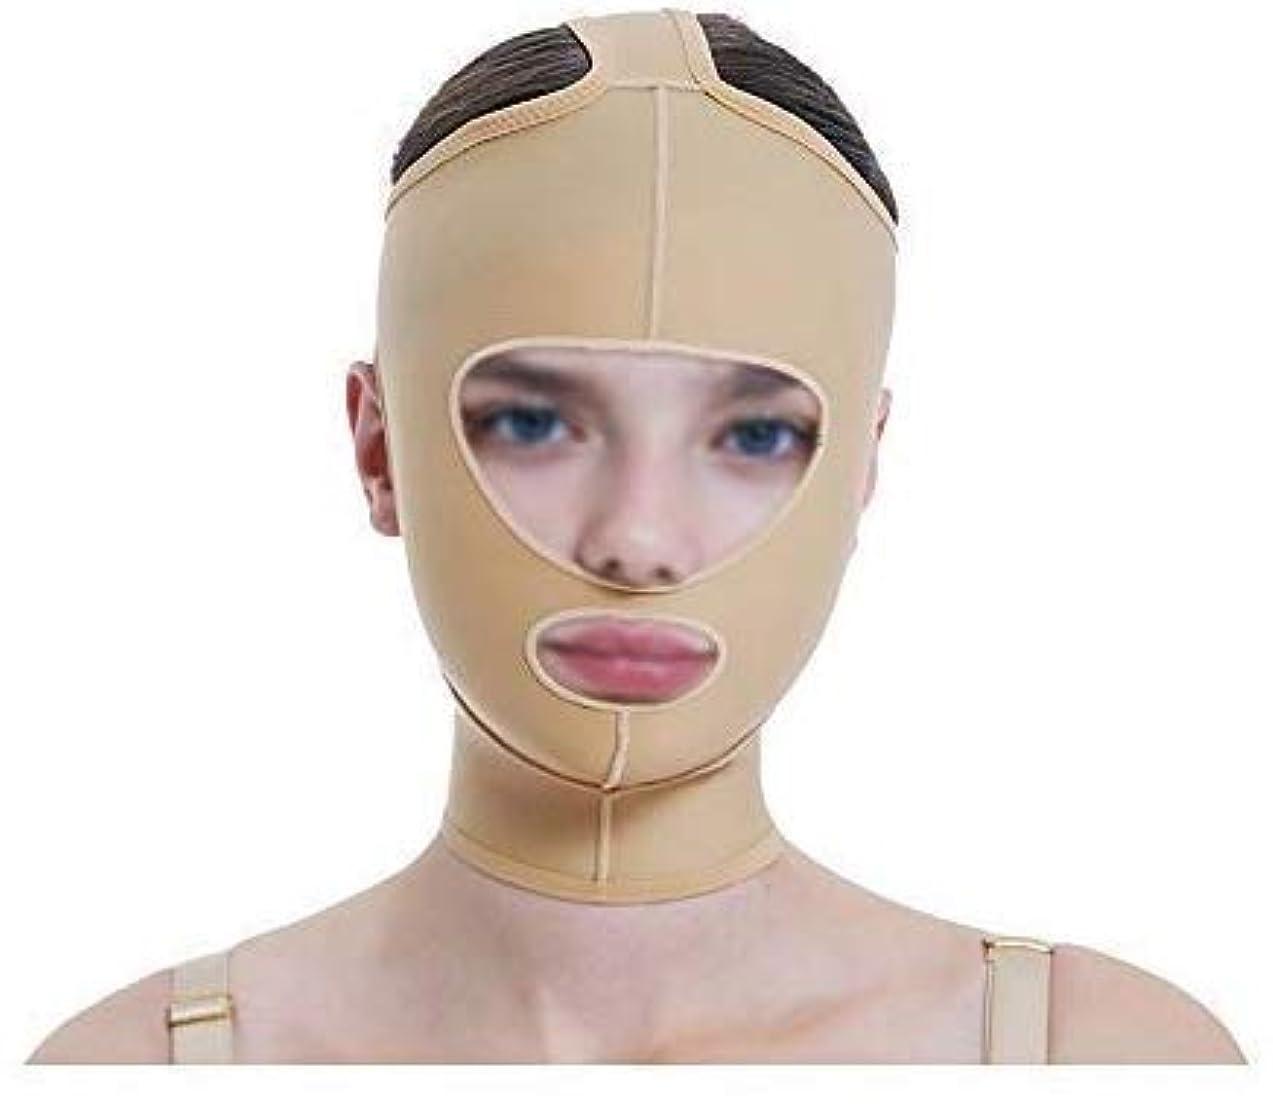 ダイヤルほんのエンドウ美しさと実用的な顔と首のリフト、減量フェイスマスクフェイスカービングフェイス弾性セット薄いダブルチンアーティファクトVフェイスビームフェイス(サイズ:XS)